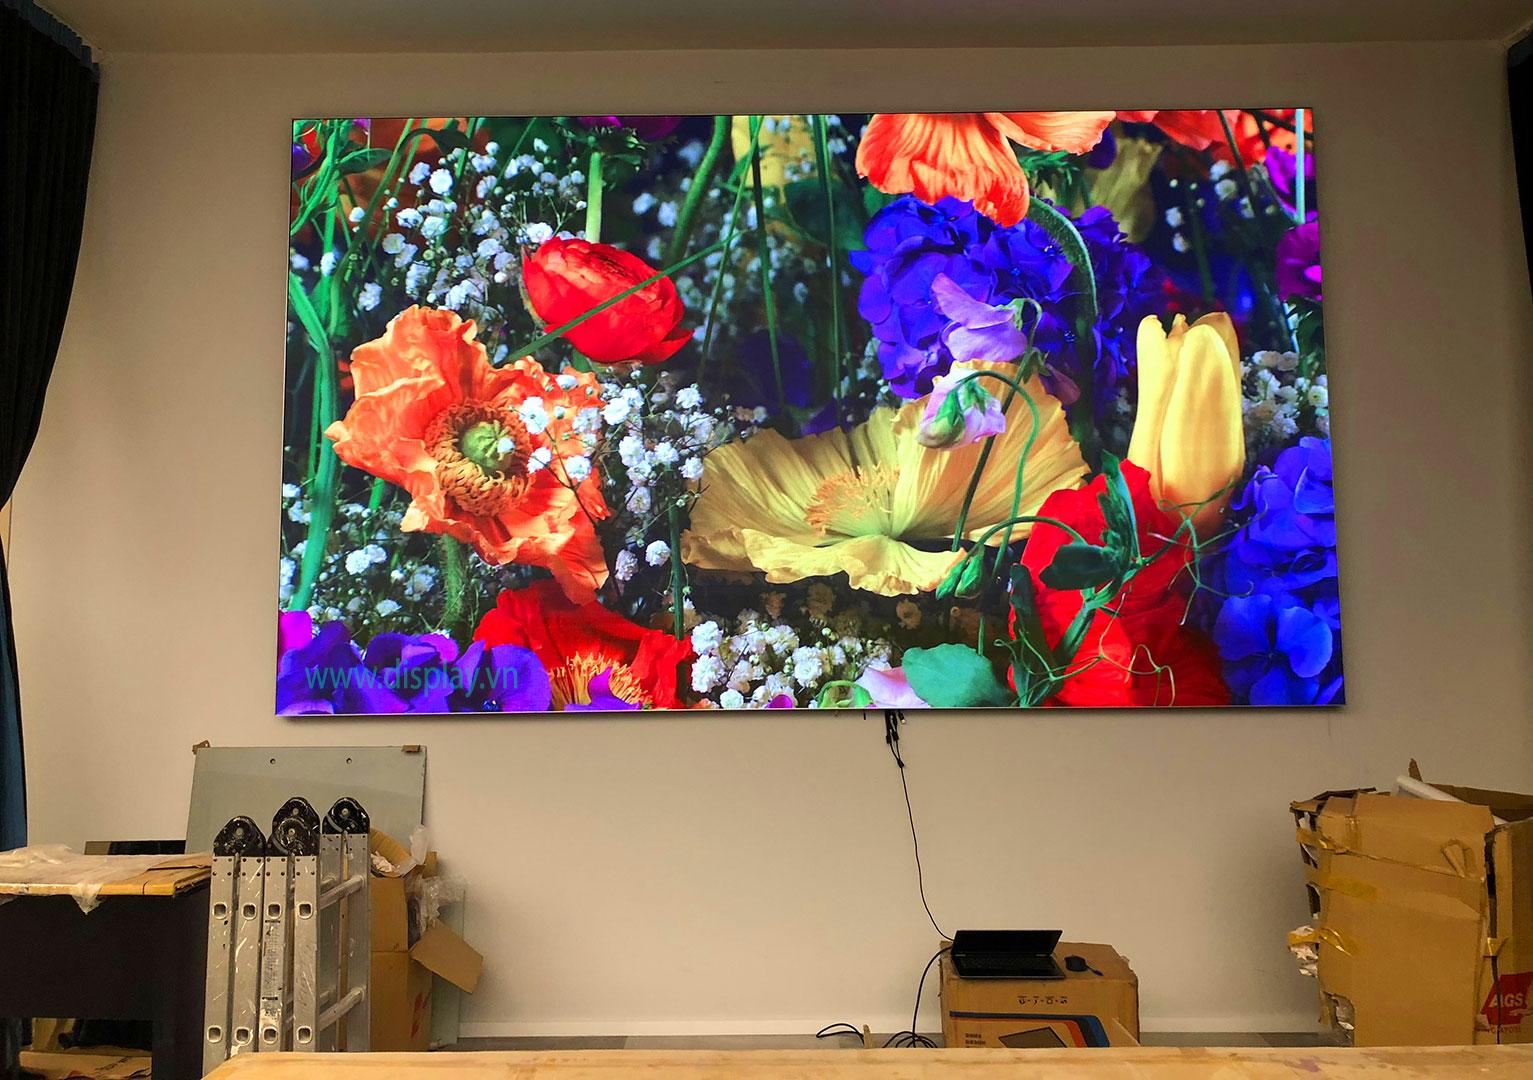 Phân loại màn hình led theo kích thước.